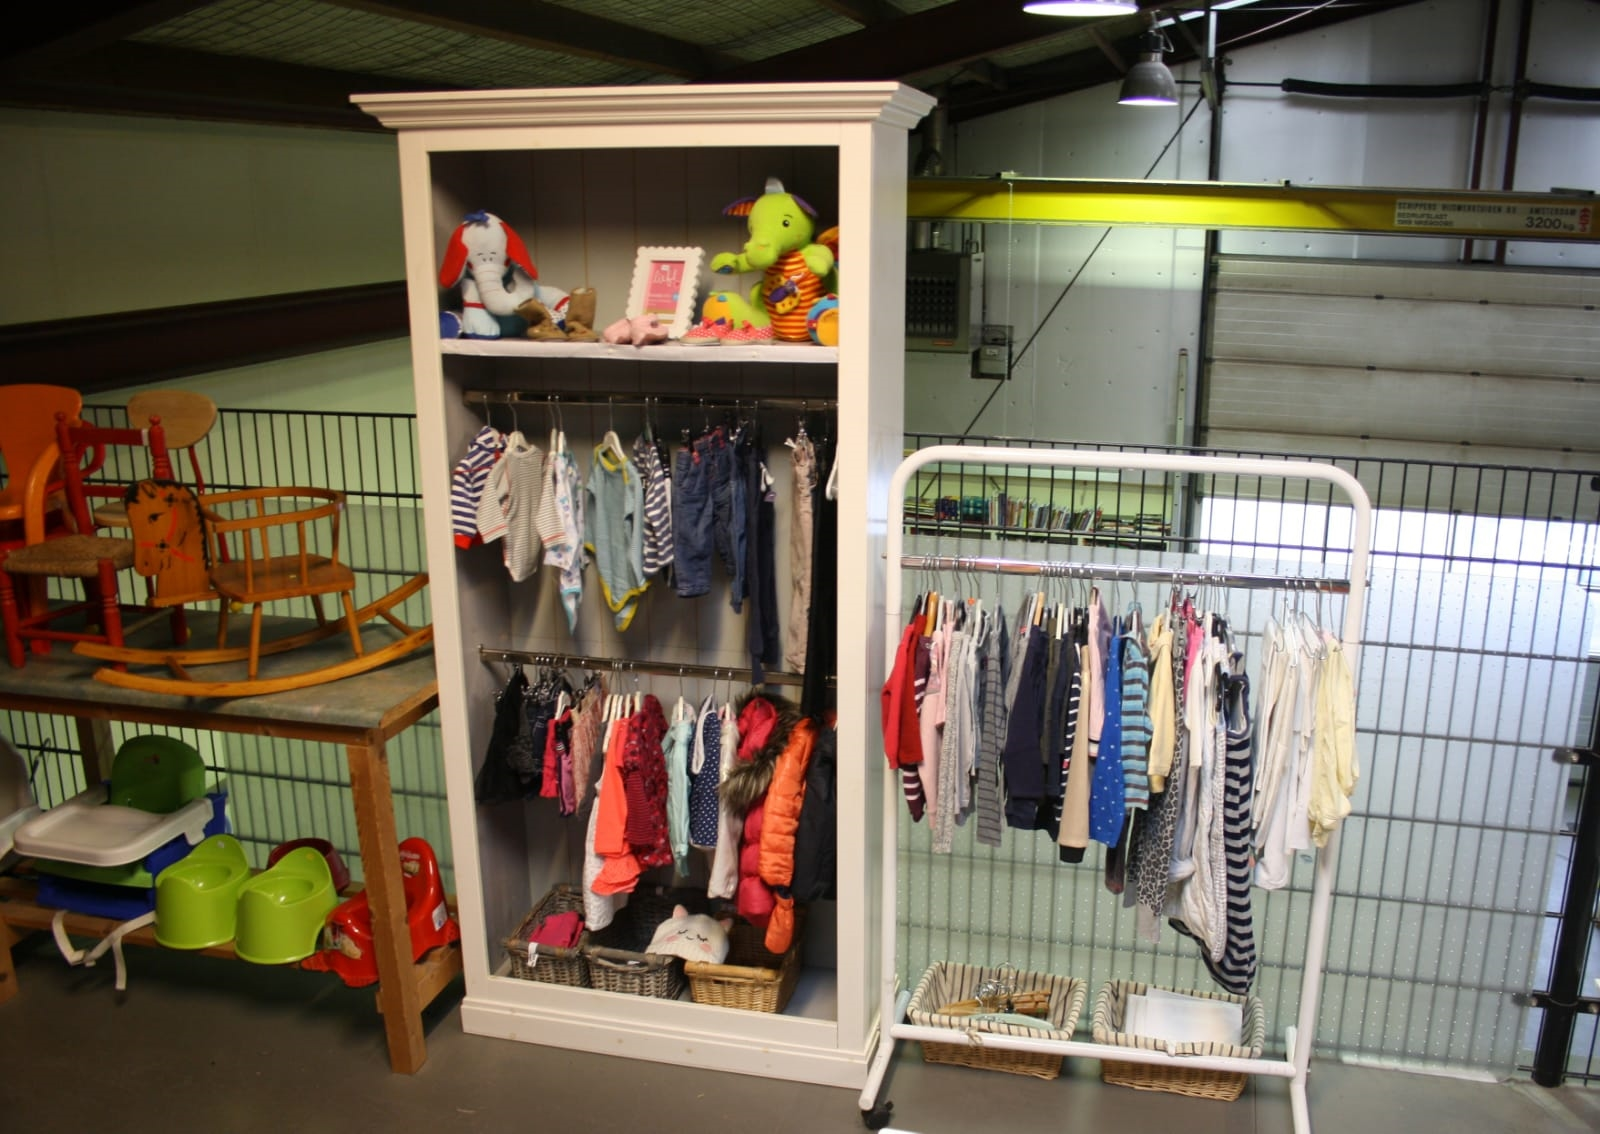 Op de bovenverdieping vindt u baby en kinderspullen.